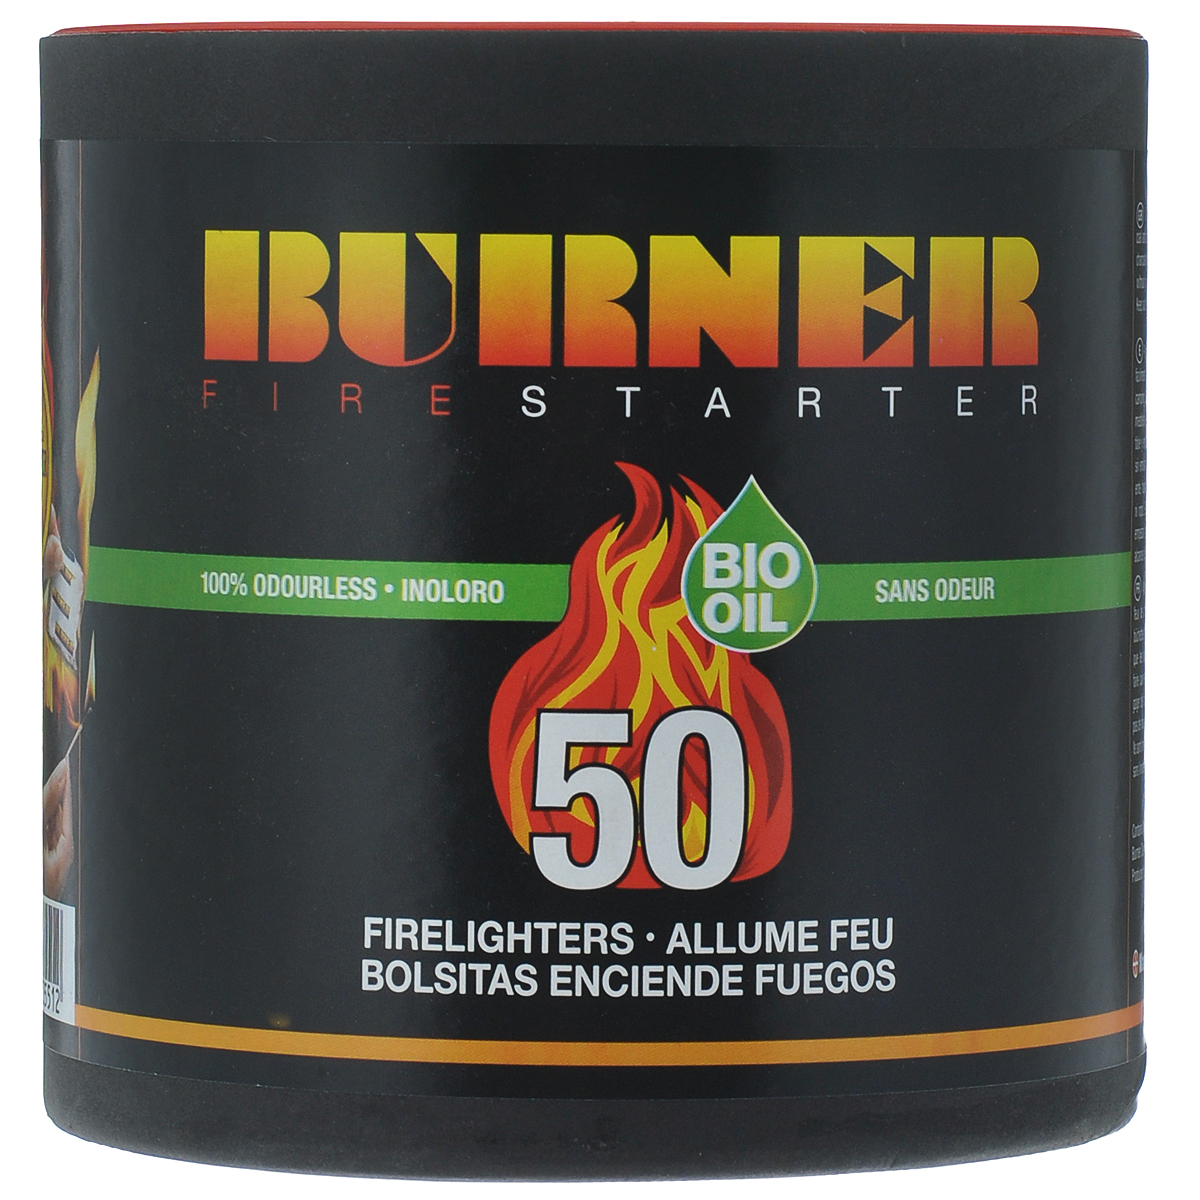 Средство для розжига Burner, в бочонке, 50 пакетов527Розжиг Burner экологически безопасен, удобен в хранении и перевозке - никакой грязи и запахов. Идеальное средство для розжига мангалов, каминов, печей и костров. Кроме того, розжиг Burner не боится сырости и поэтому идеален в походе, на рыбалке, охоте, и в других достаточно экстремальных условиях, когда необходимо разжечь костер для обогрева или приготовления пищи.В комплект входит 50 пакетиков для розжига.Состав: высококачественные N-парафины, растительные масла.